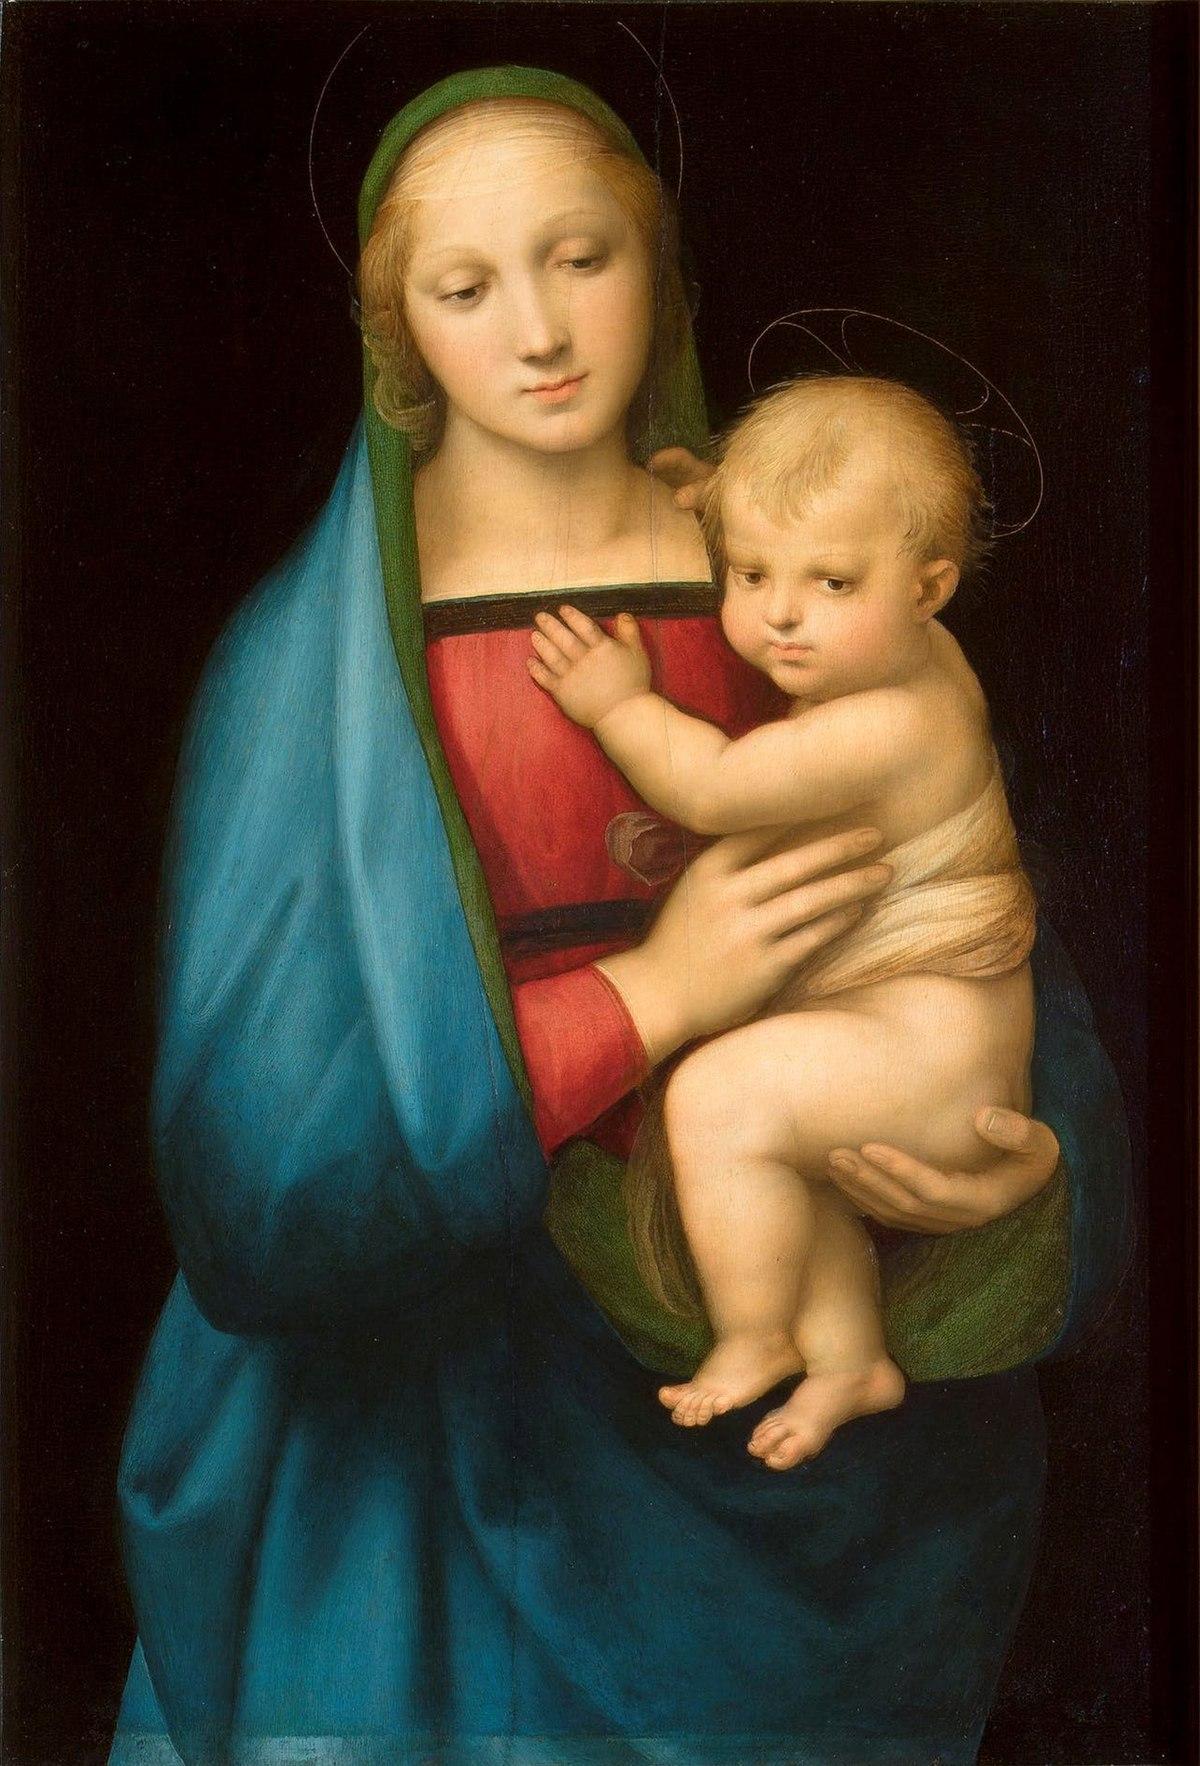 لوحة مادونا ديل غراندوكا لفنان النهضة الإيطالي رافائيل